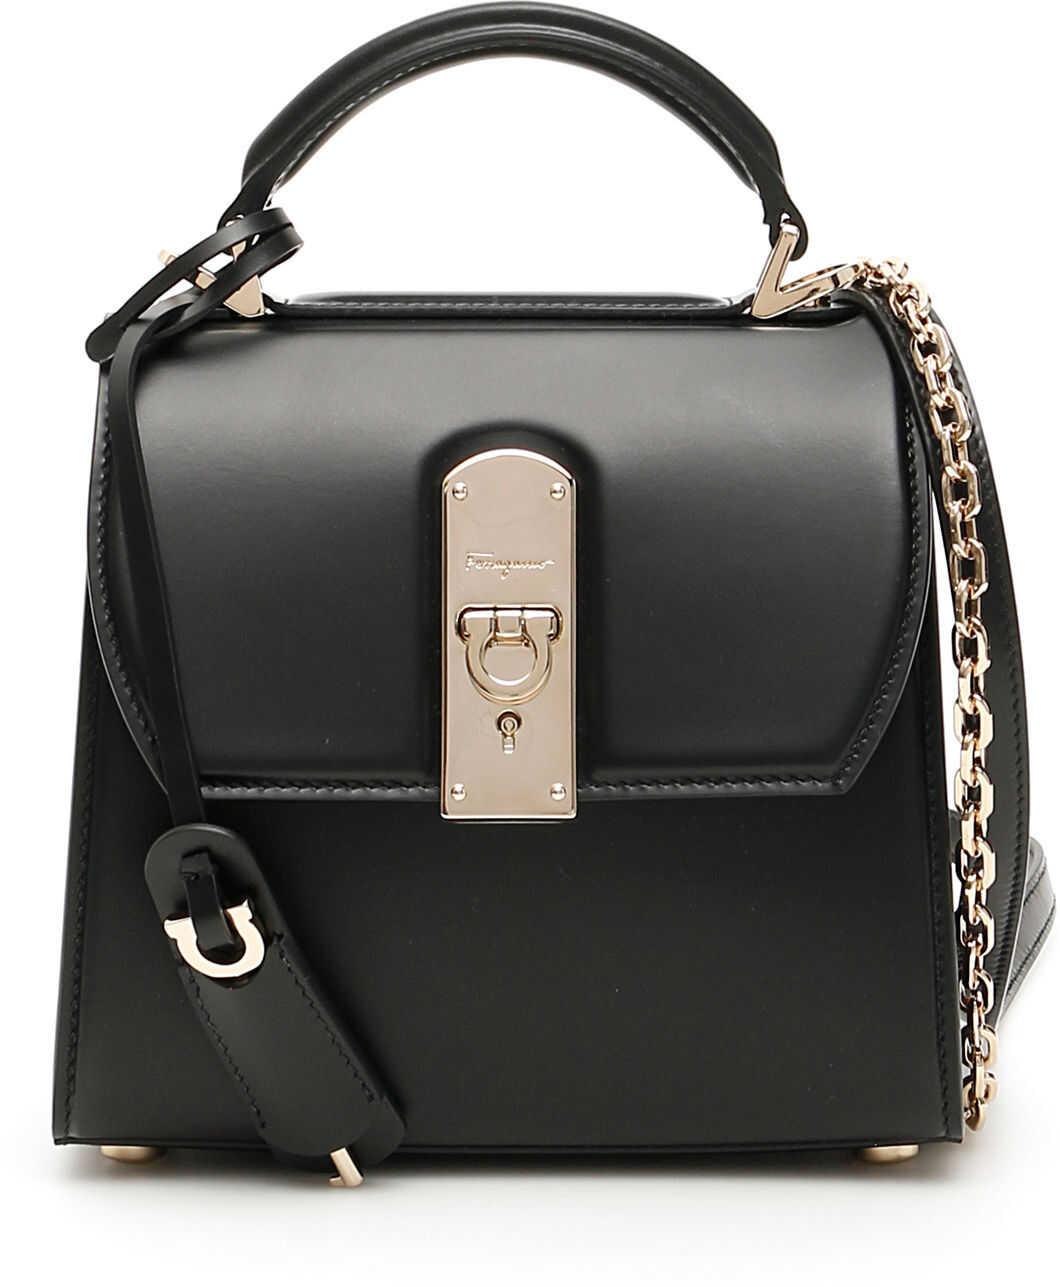 Salvatore Ferragamo Small Boxy Handbag 21H6470717674 NERO imagine b-mall.ro